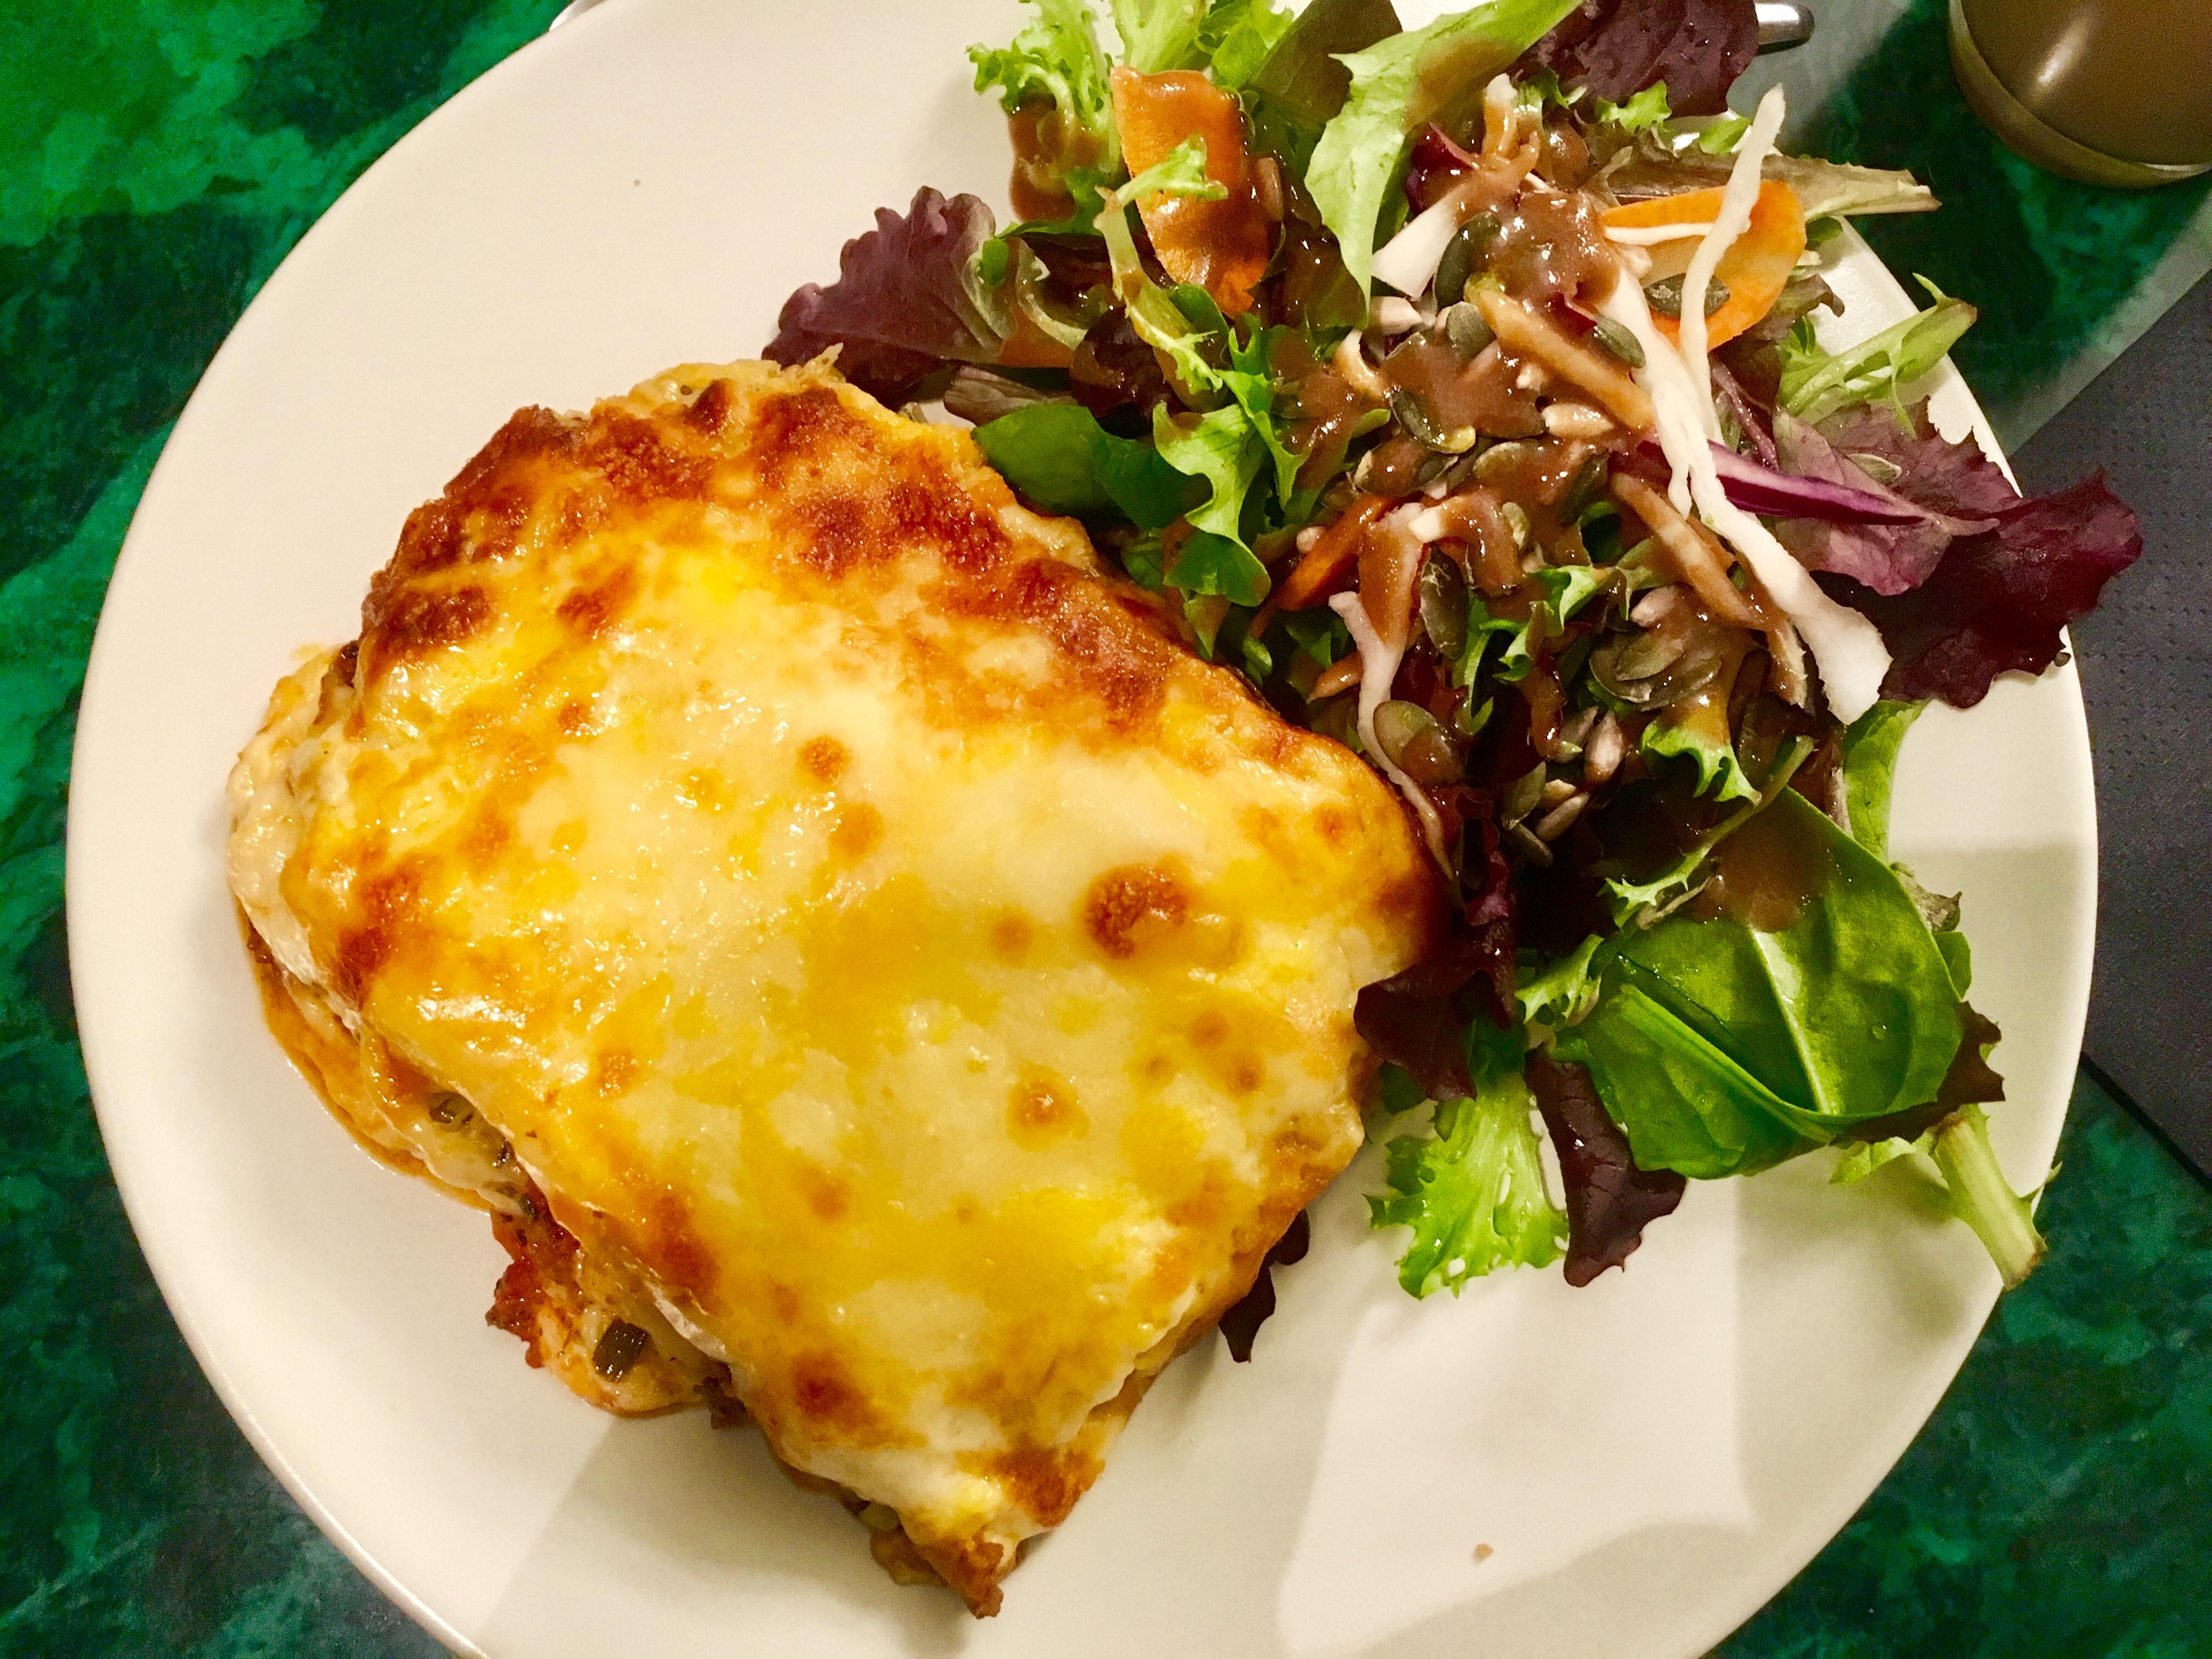 Aubergine lasagne bij Tous Les Jours Dimanche in Vieux Ville